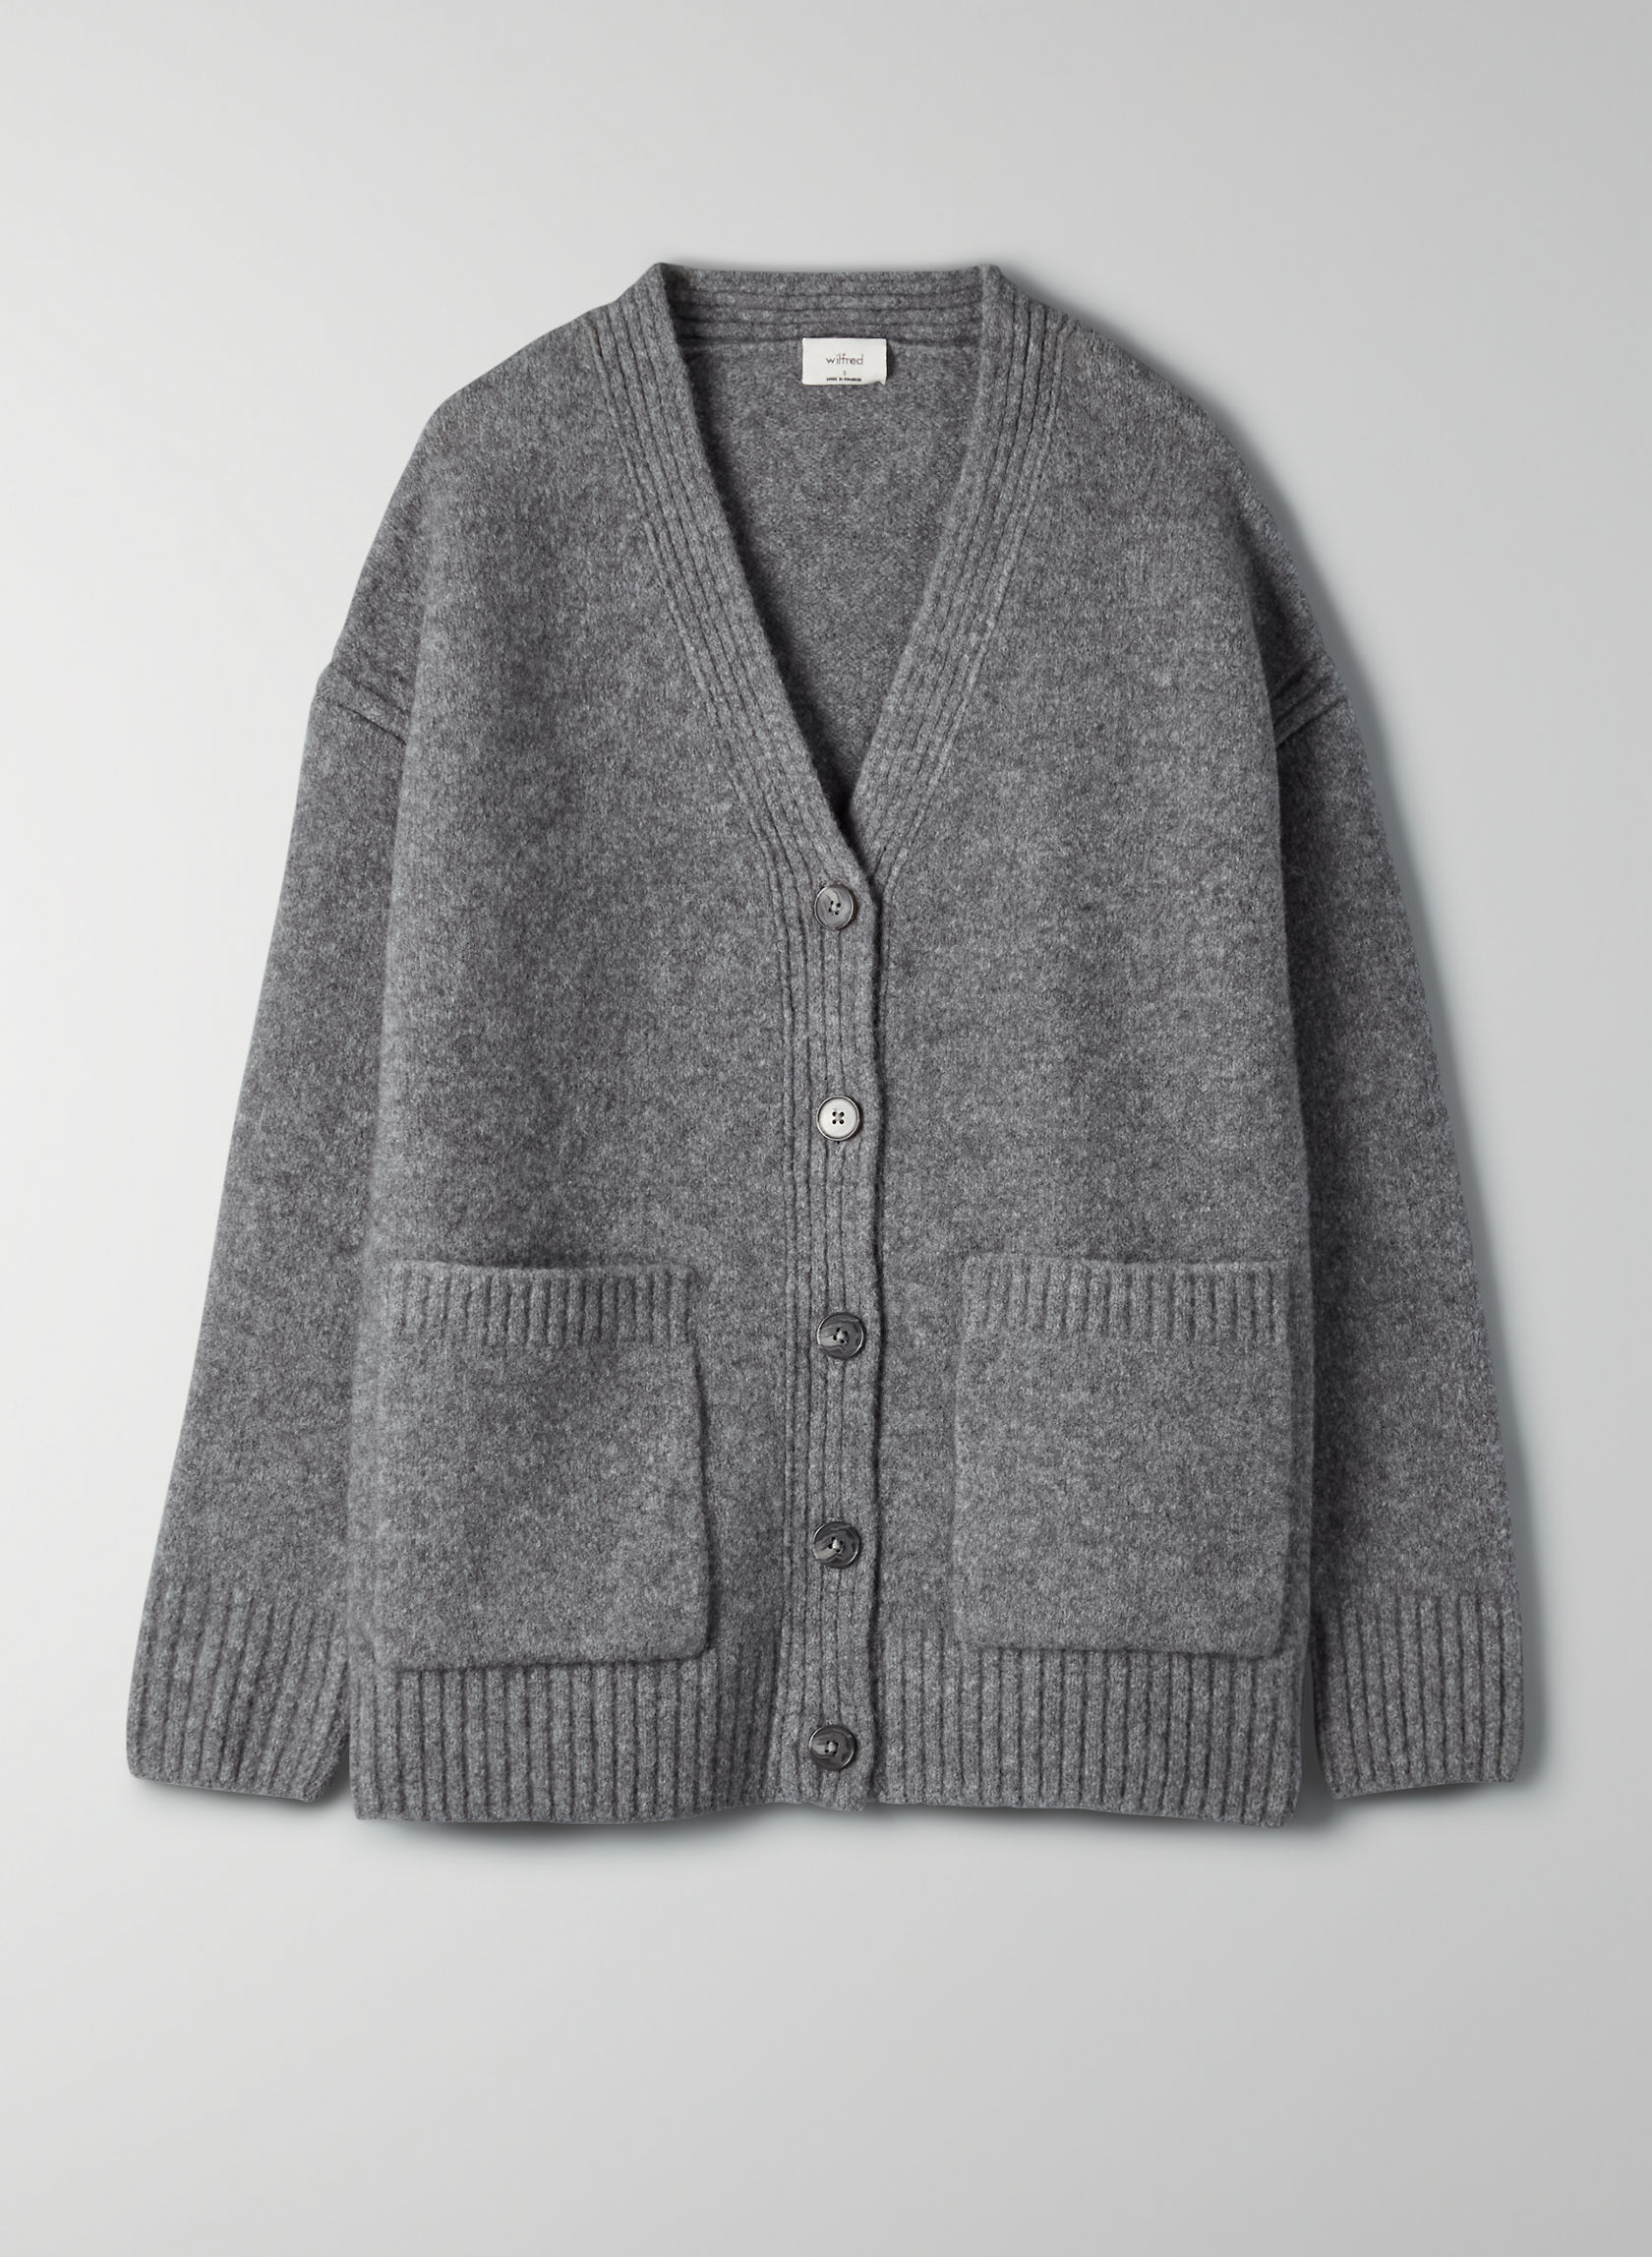 PISA CARDIGAN - Merino wool cardigan